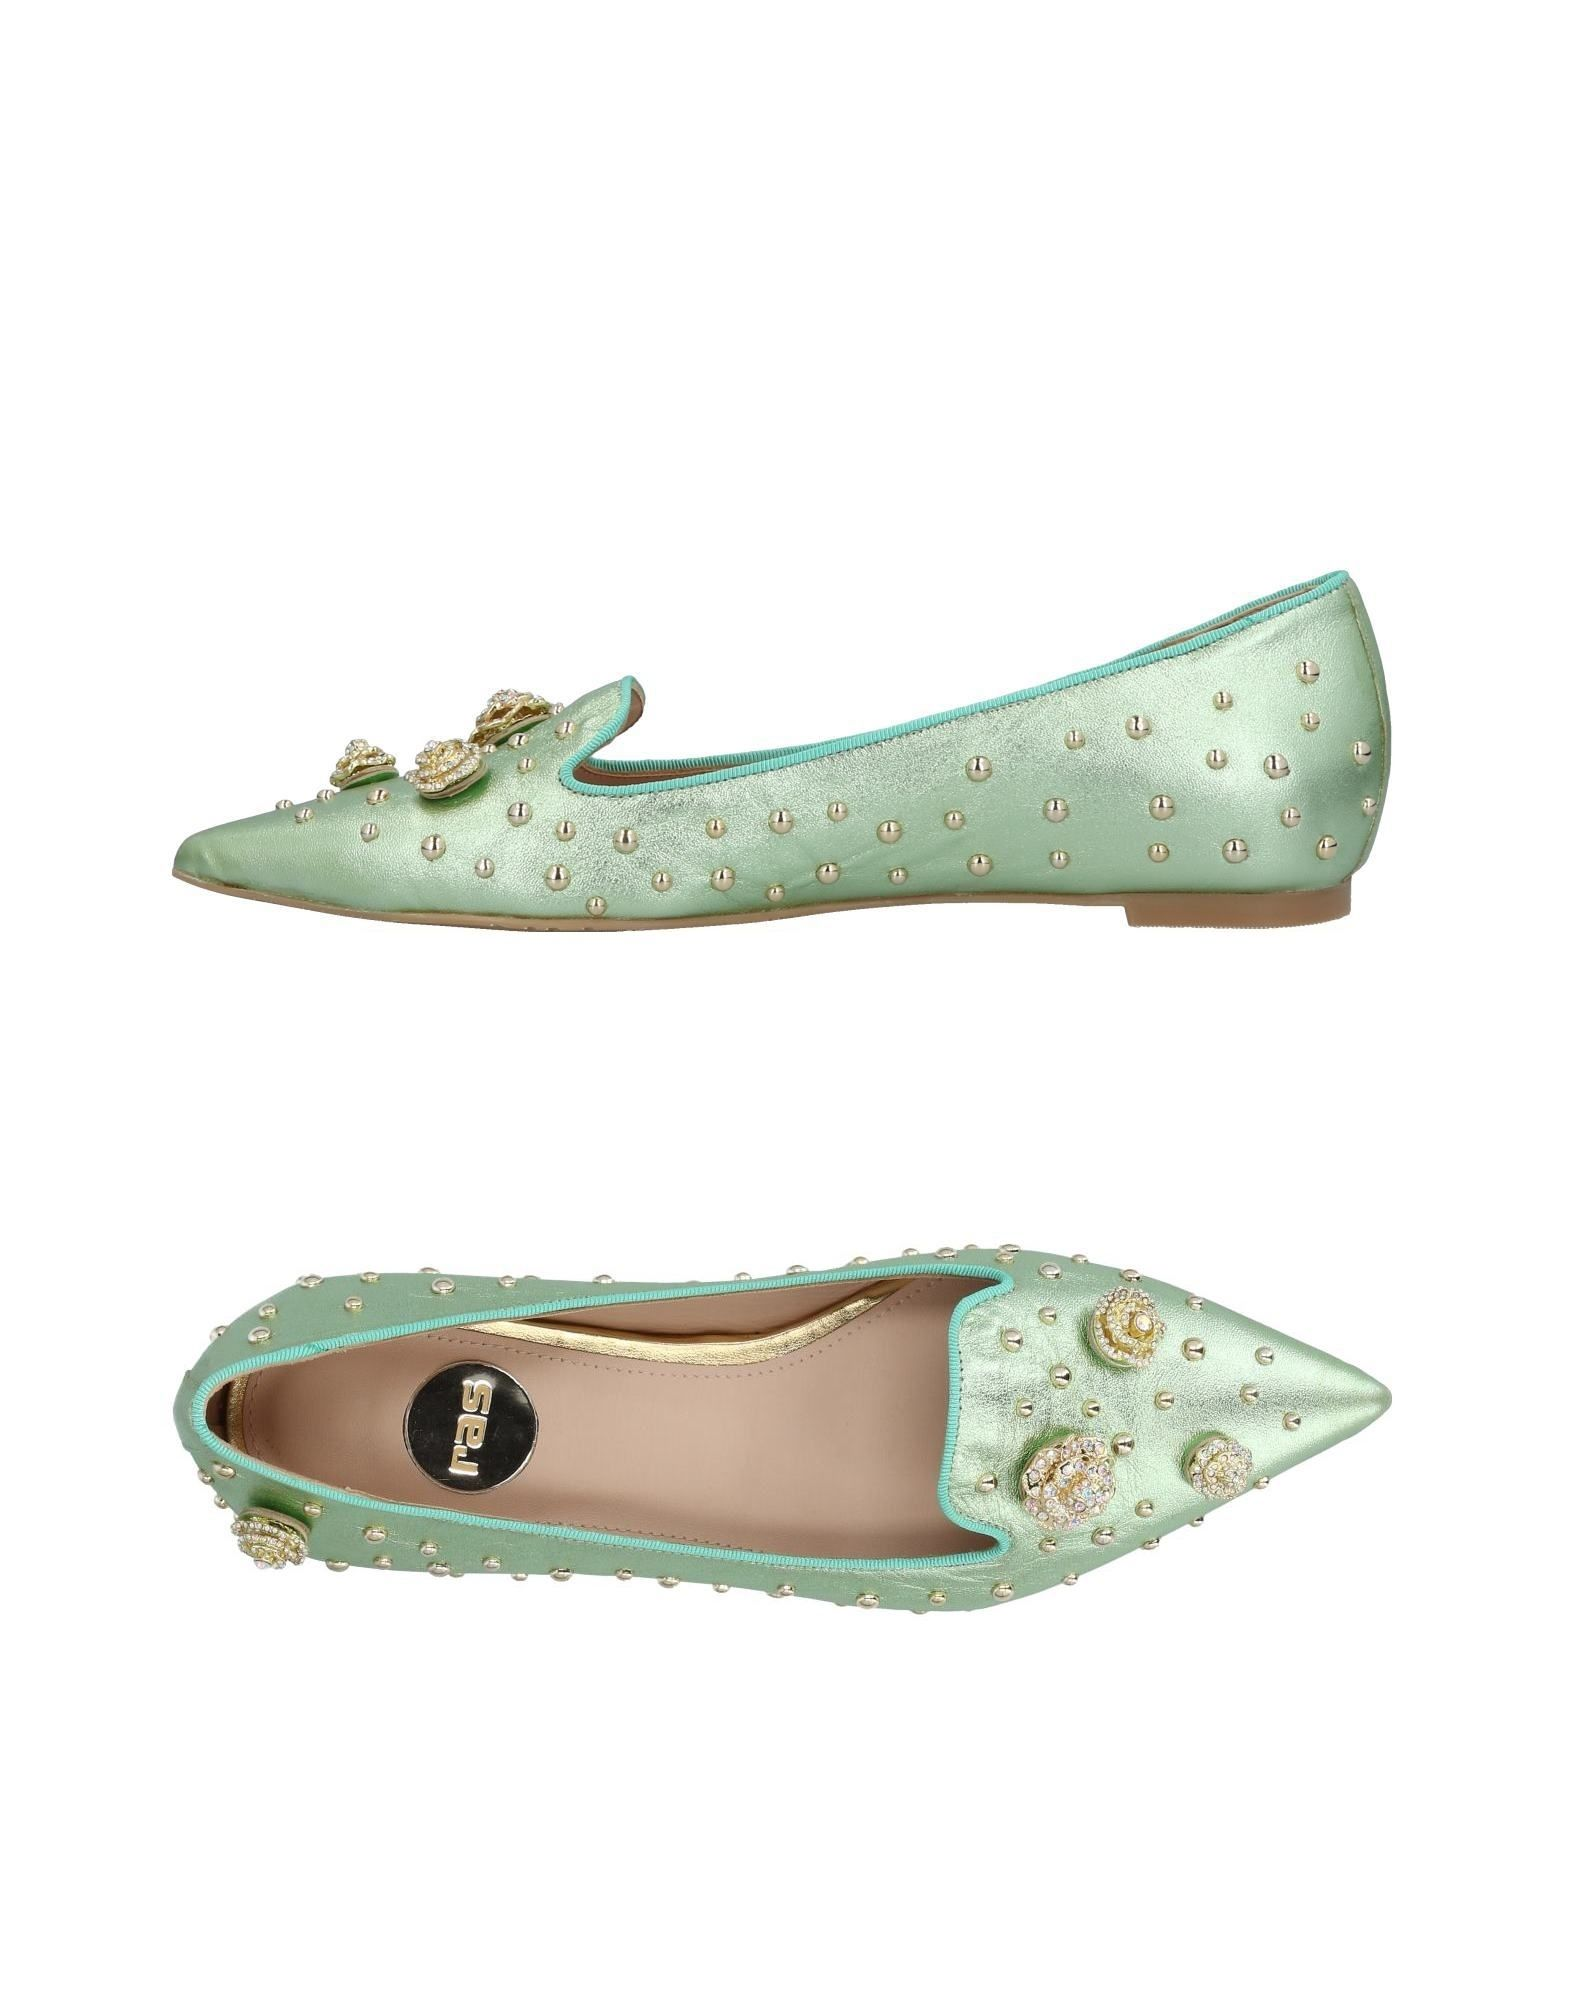 Stilvolle Stilvolle Stilvolle billige Schuhe Ras Mokassins Damen  11446238FL 9982c5